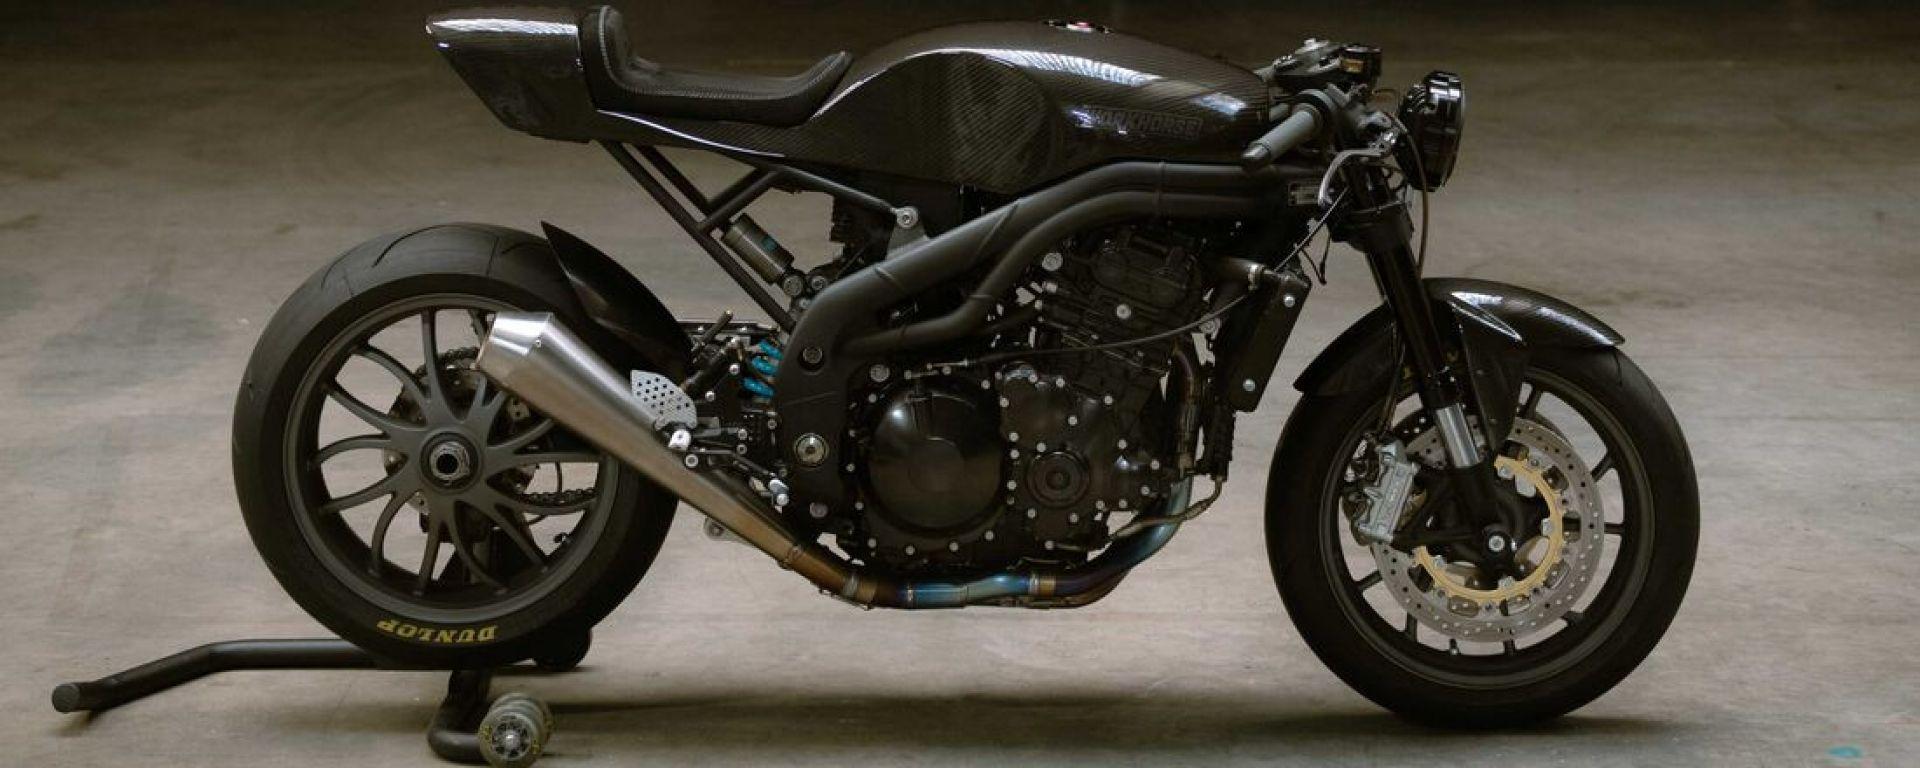 La Triumph Speed Triple diventa una café racer in carbonio